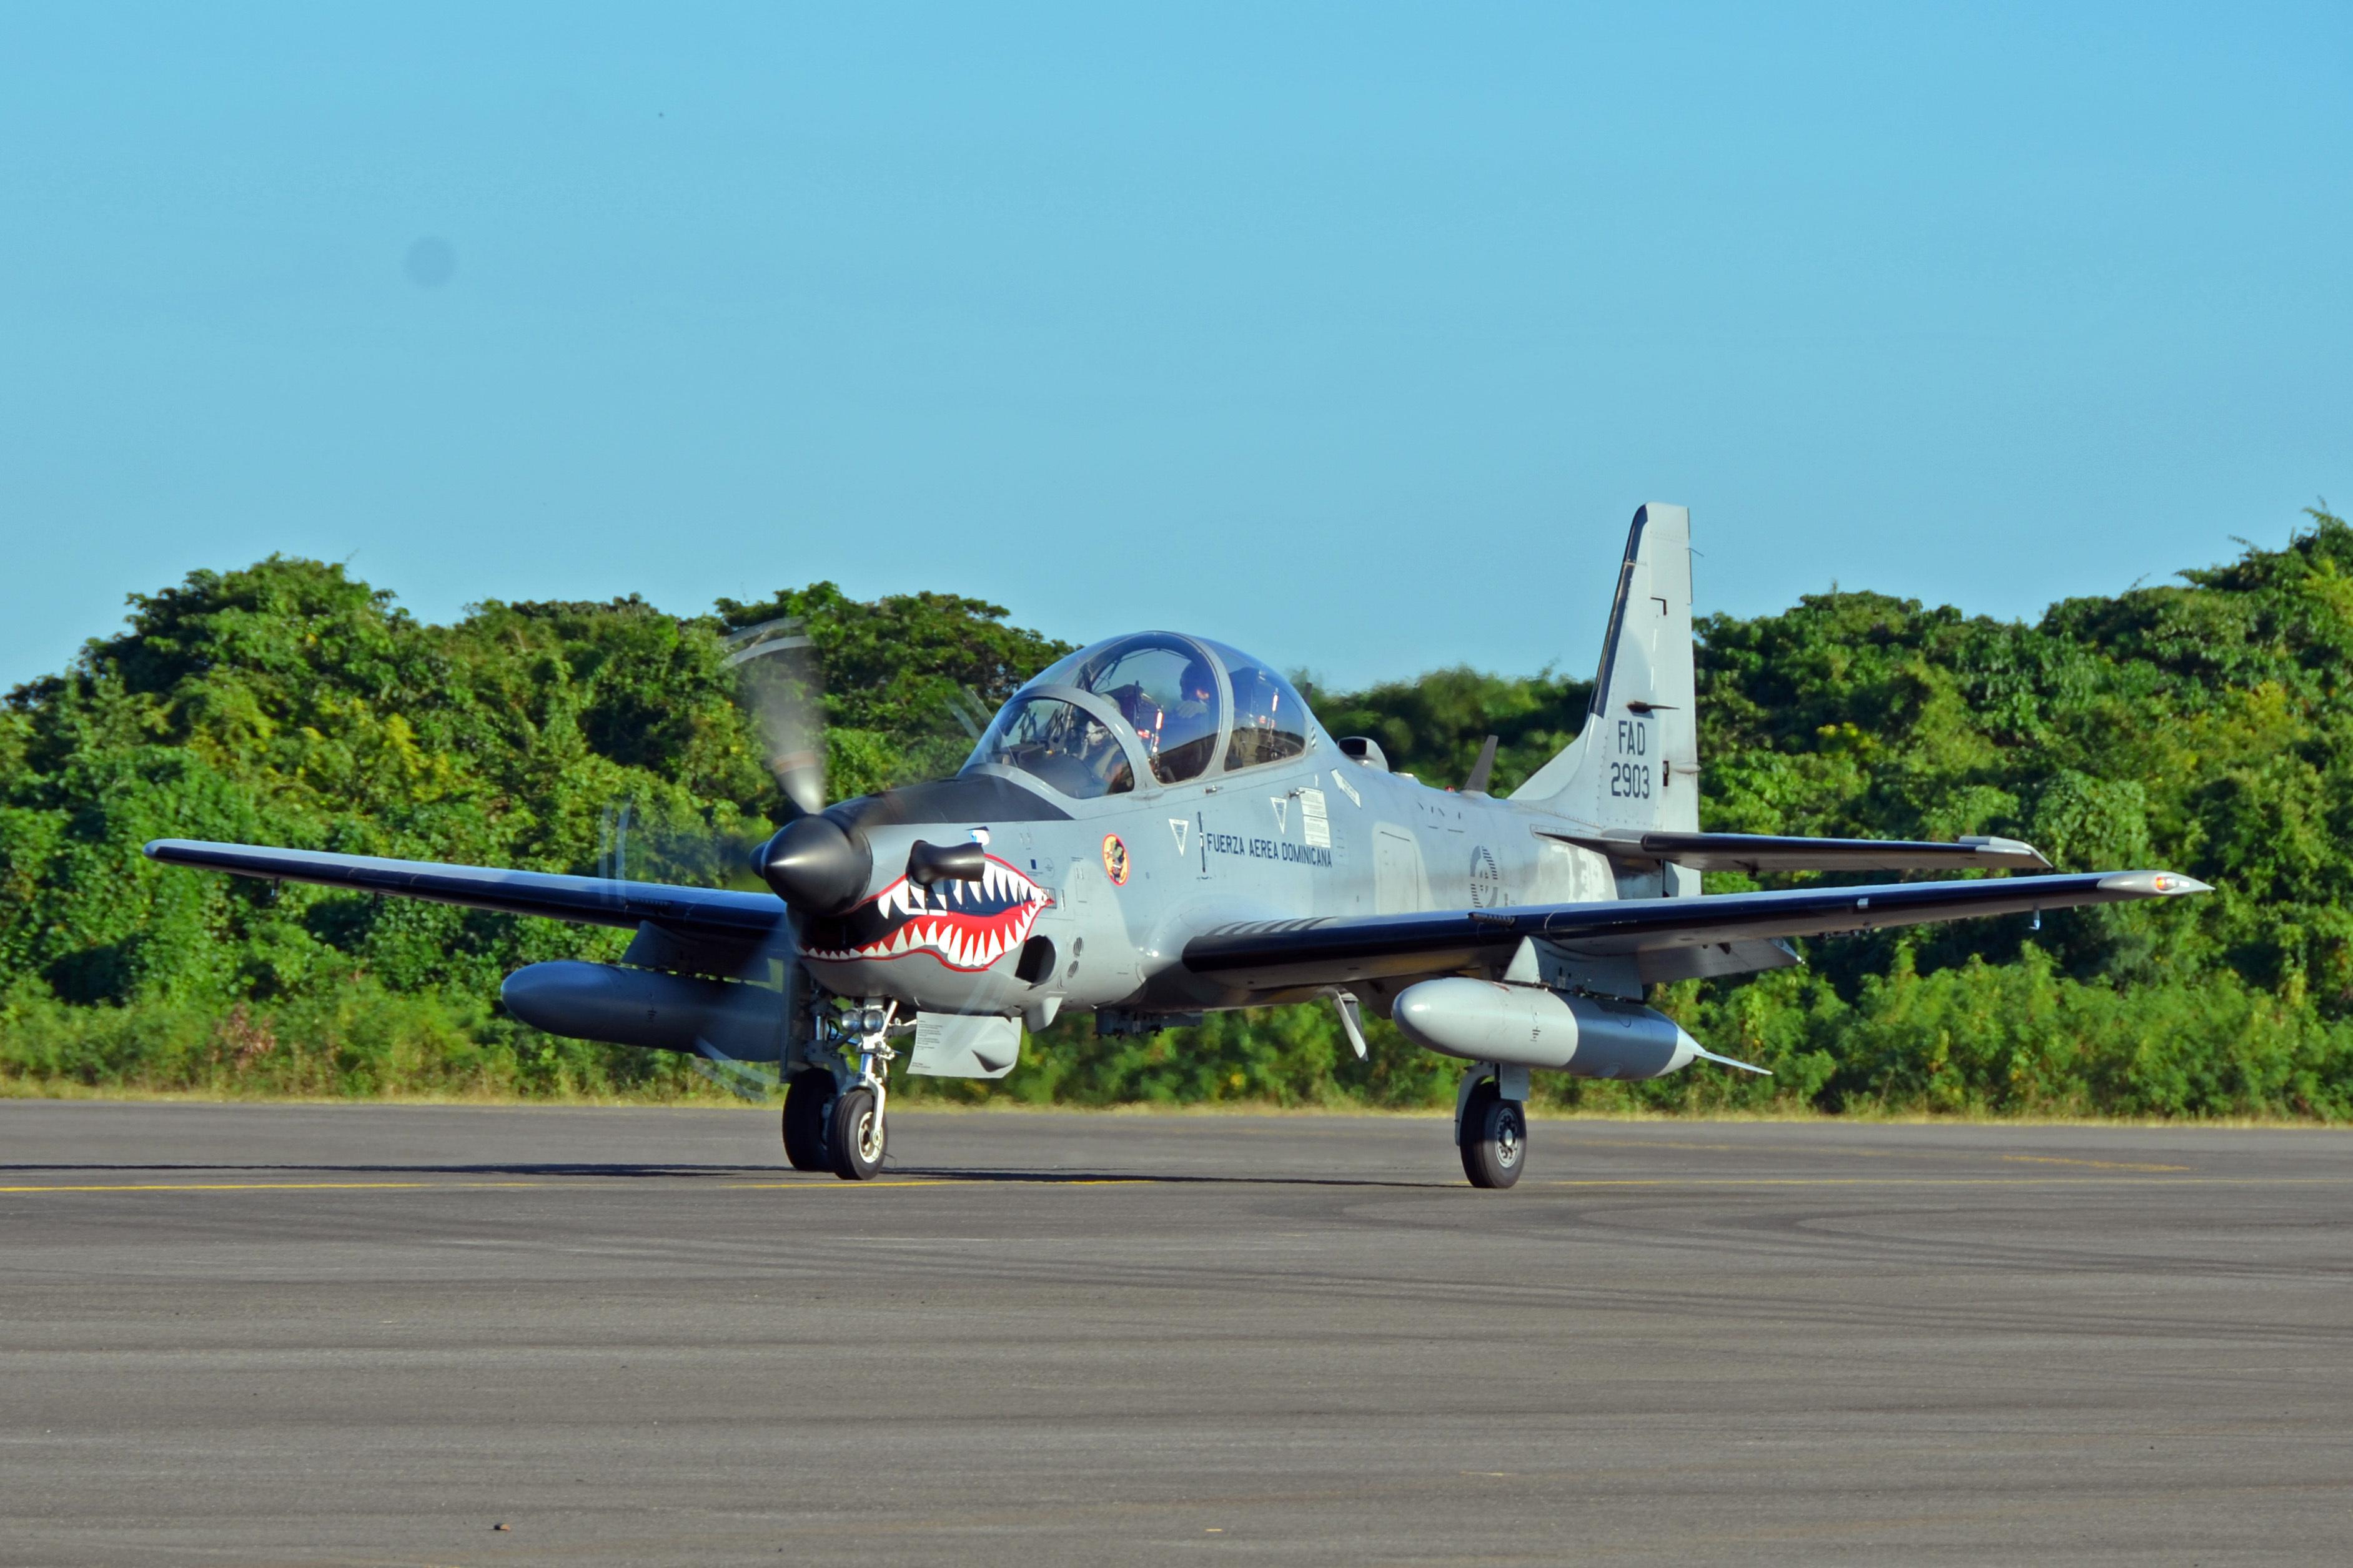 Лесни борбени авиони - Пропелери - Page 2 Dominican_Republic_Super_Tucano